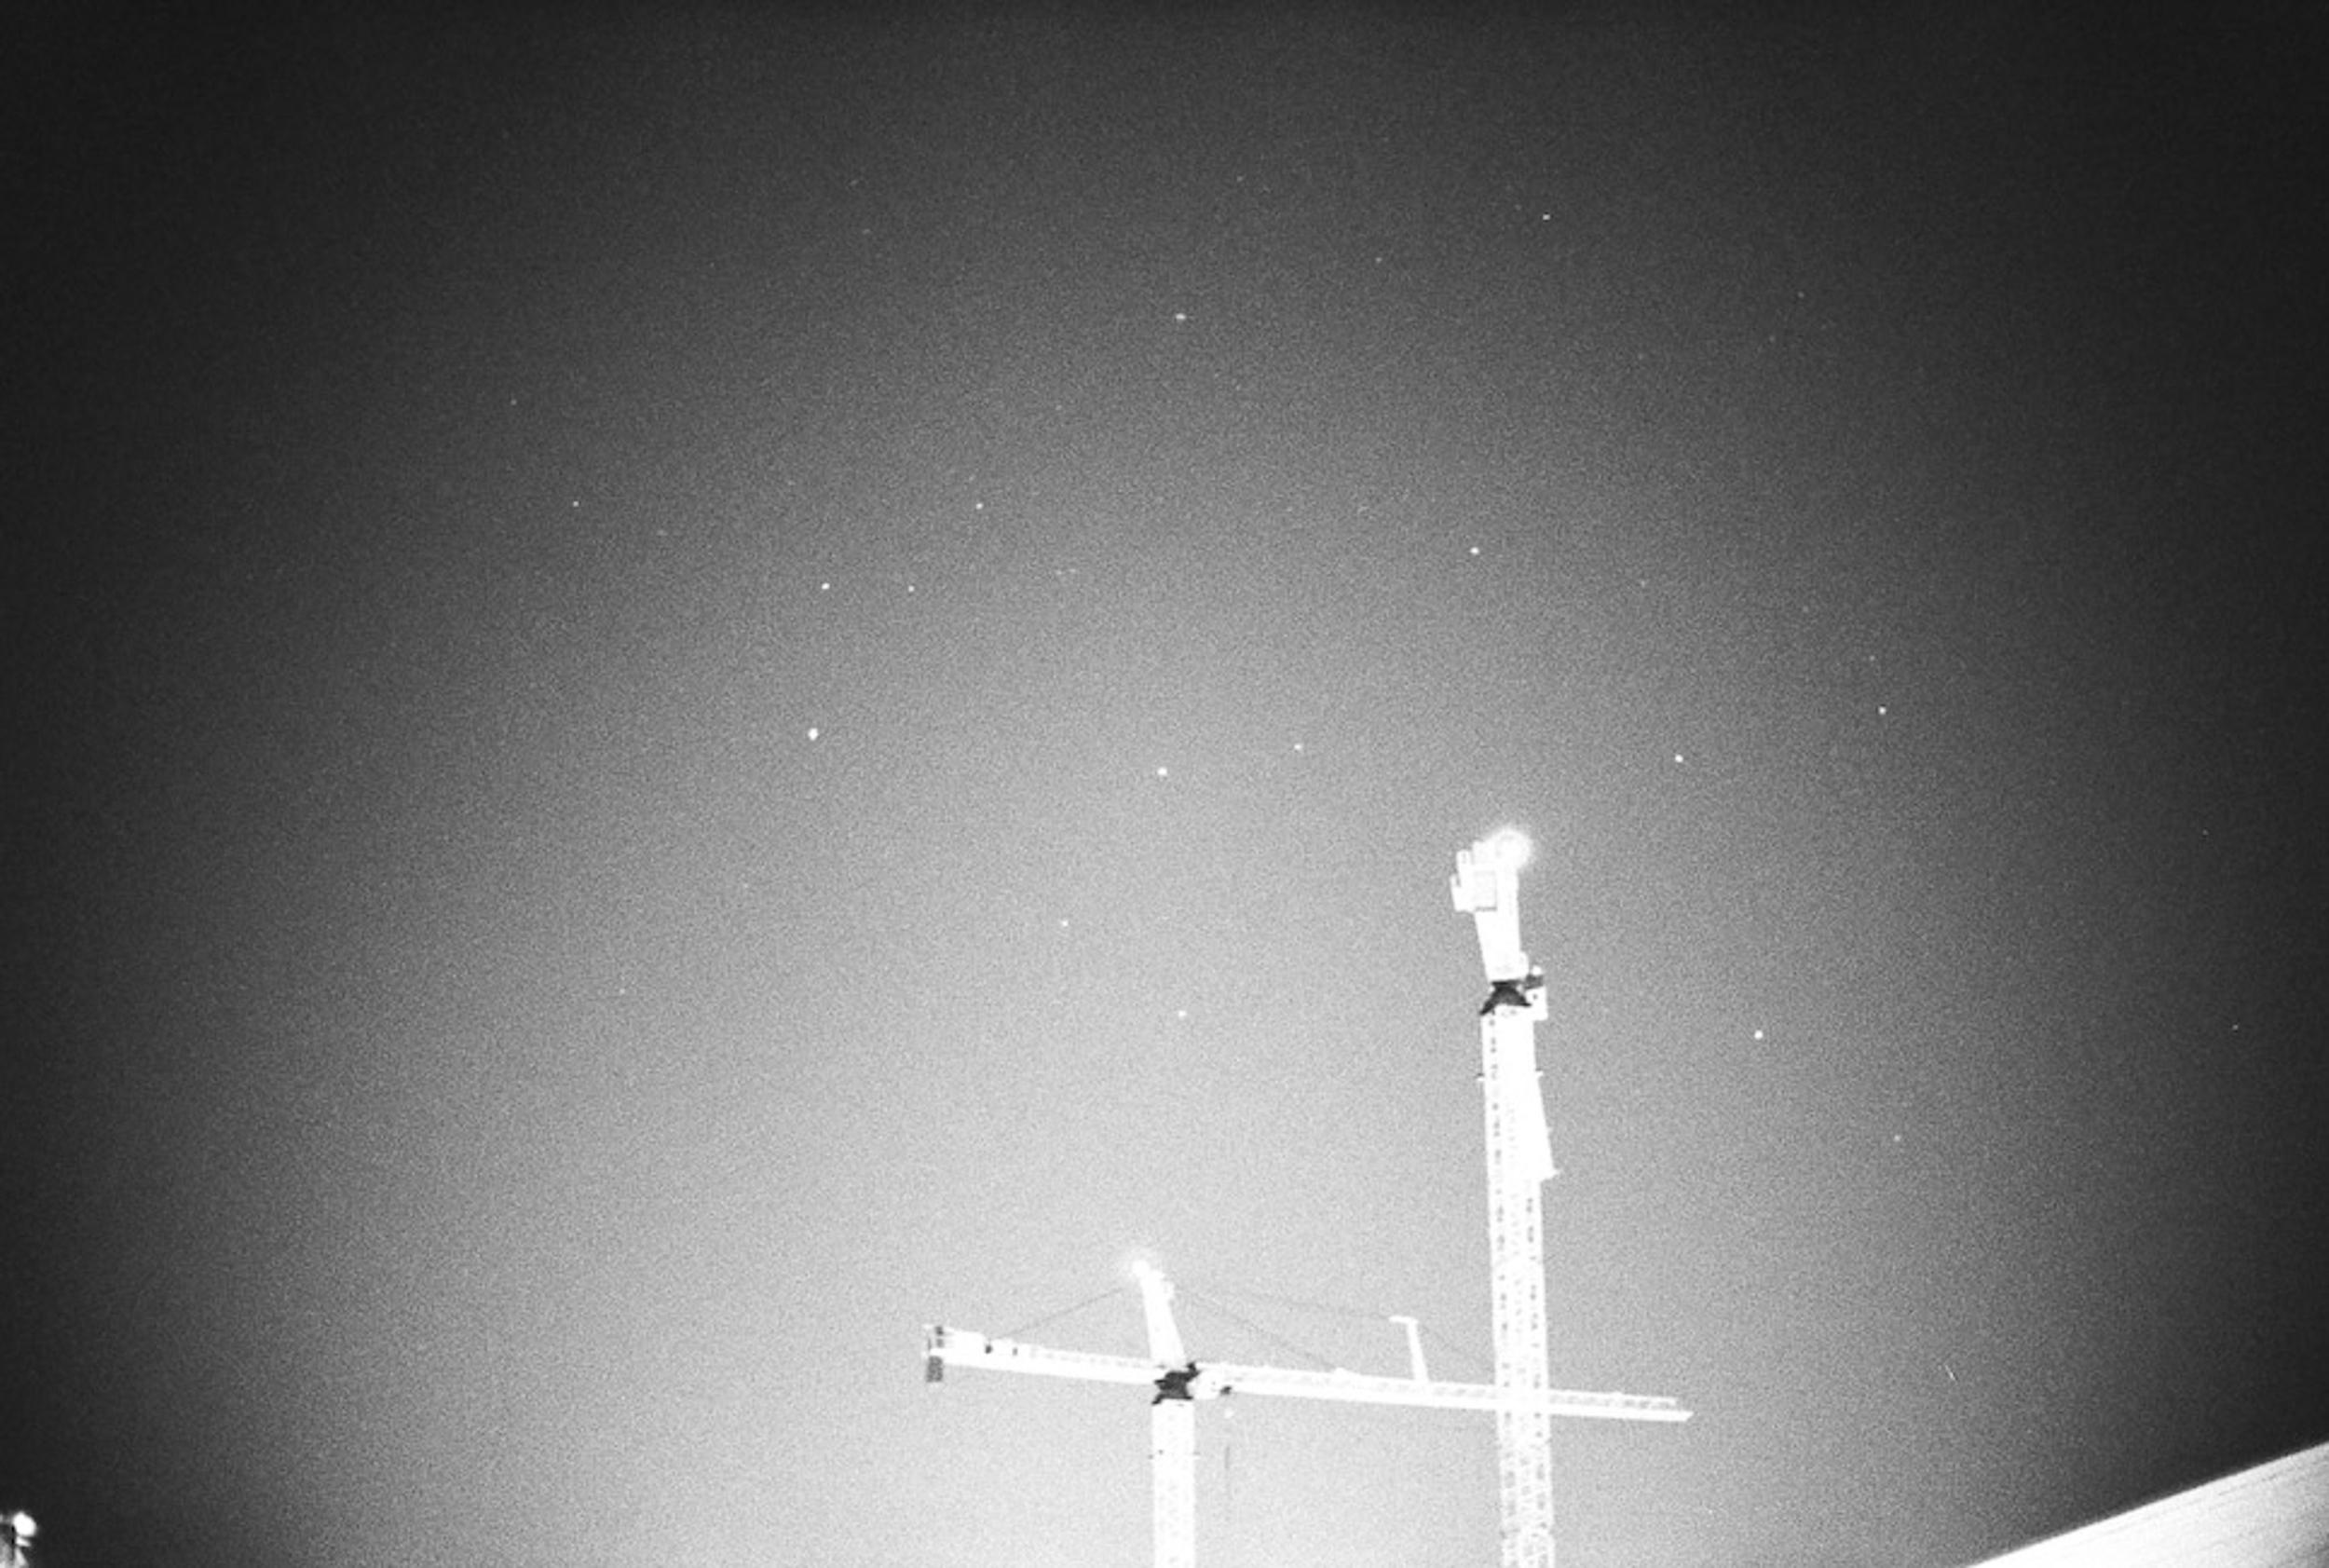 20071208-cranes_at_night.jpg